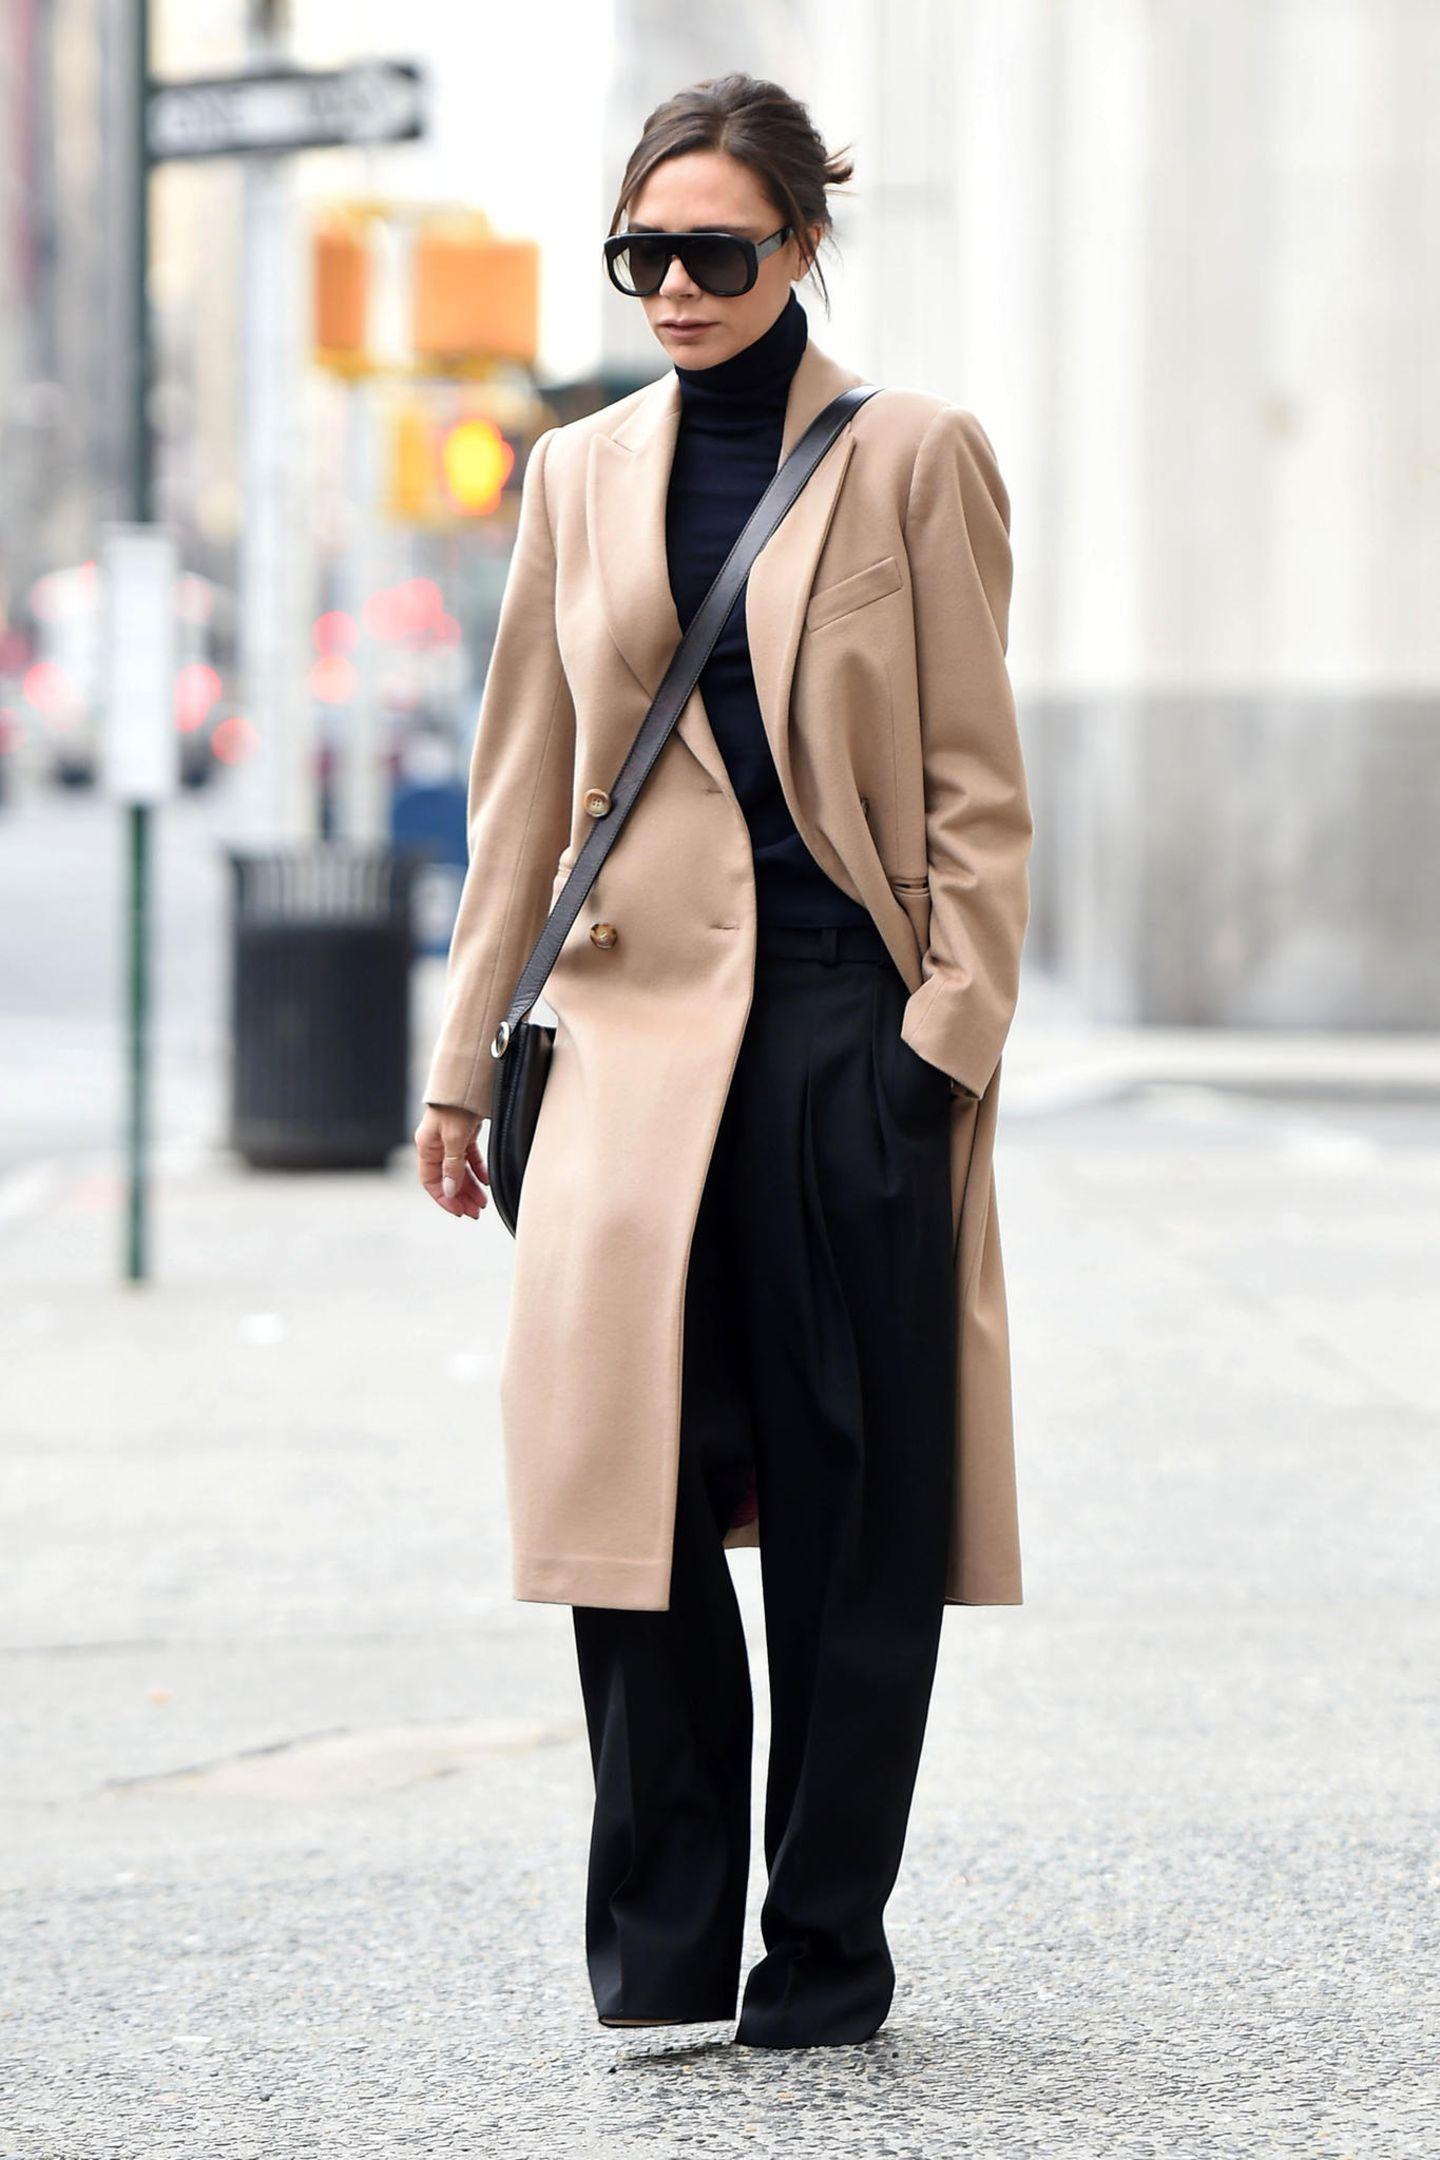 Auch wenn Oversize im Trend liegen mag - in diesem Outfit geht Stylequeen Victoria Beckham ziemlich unter.